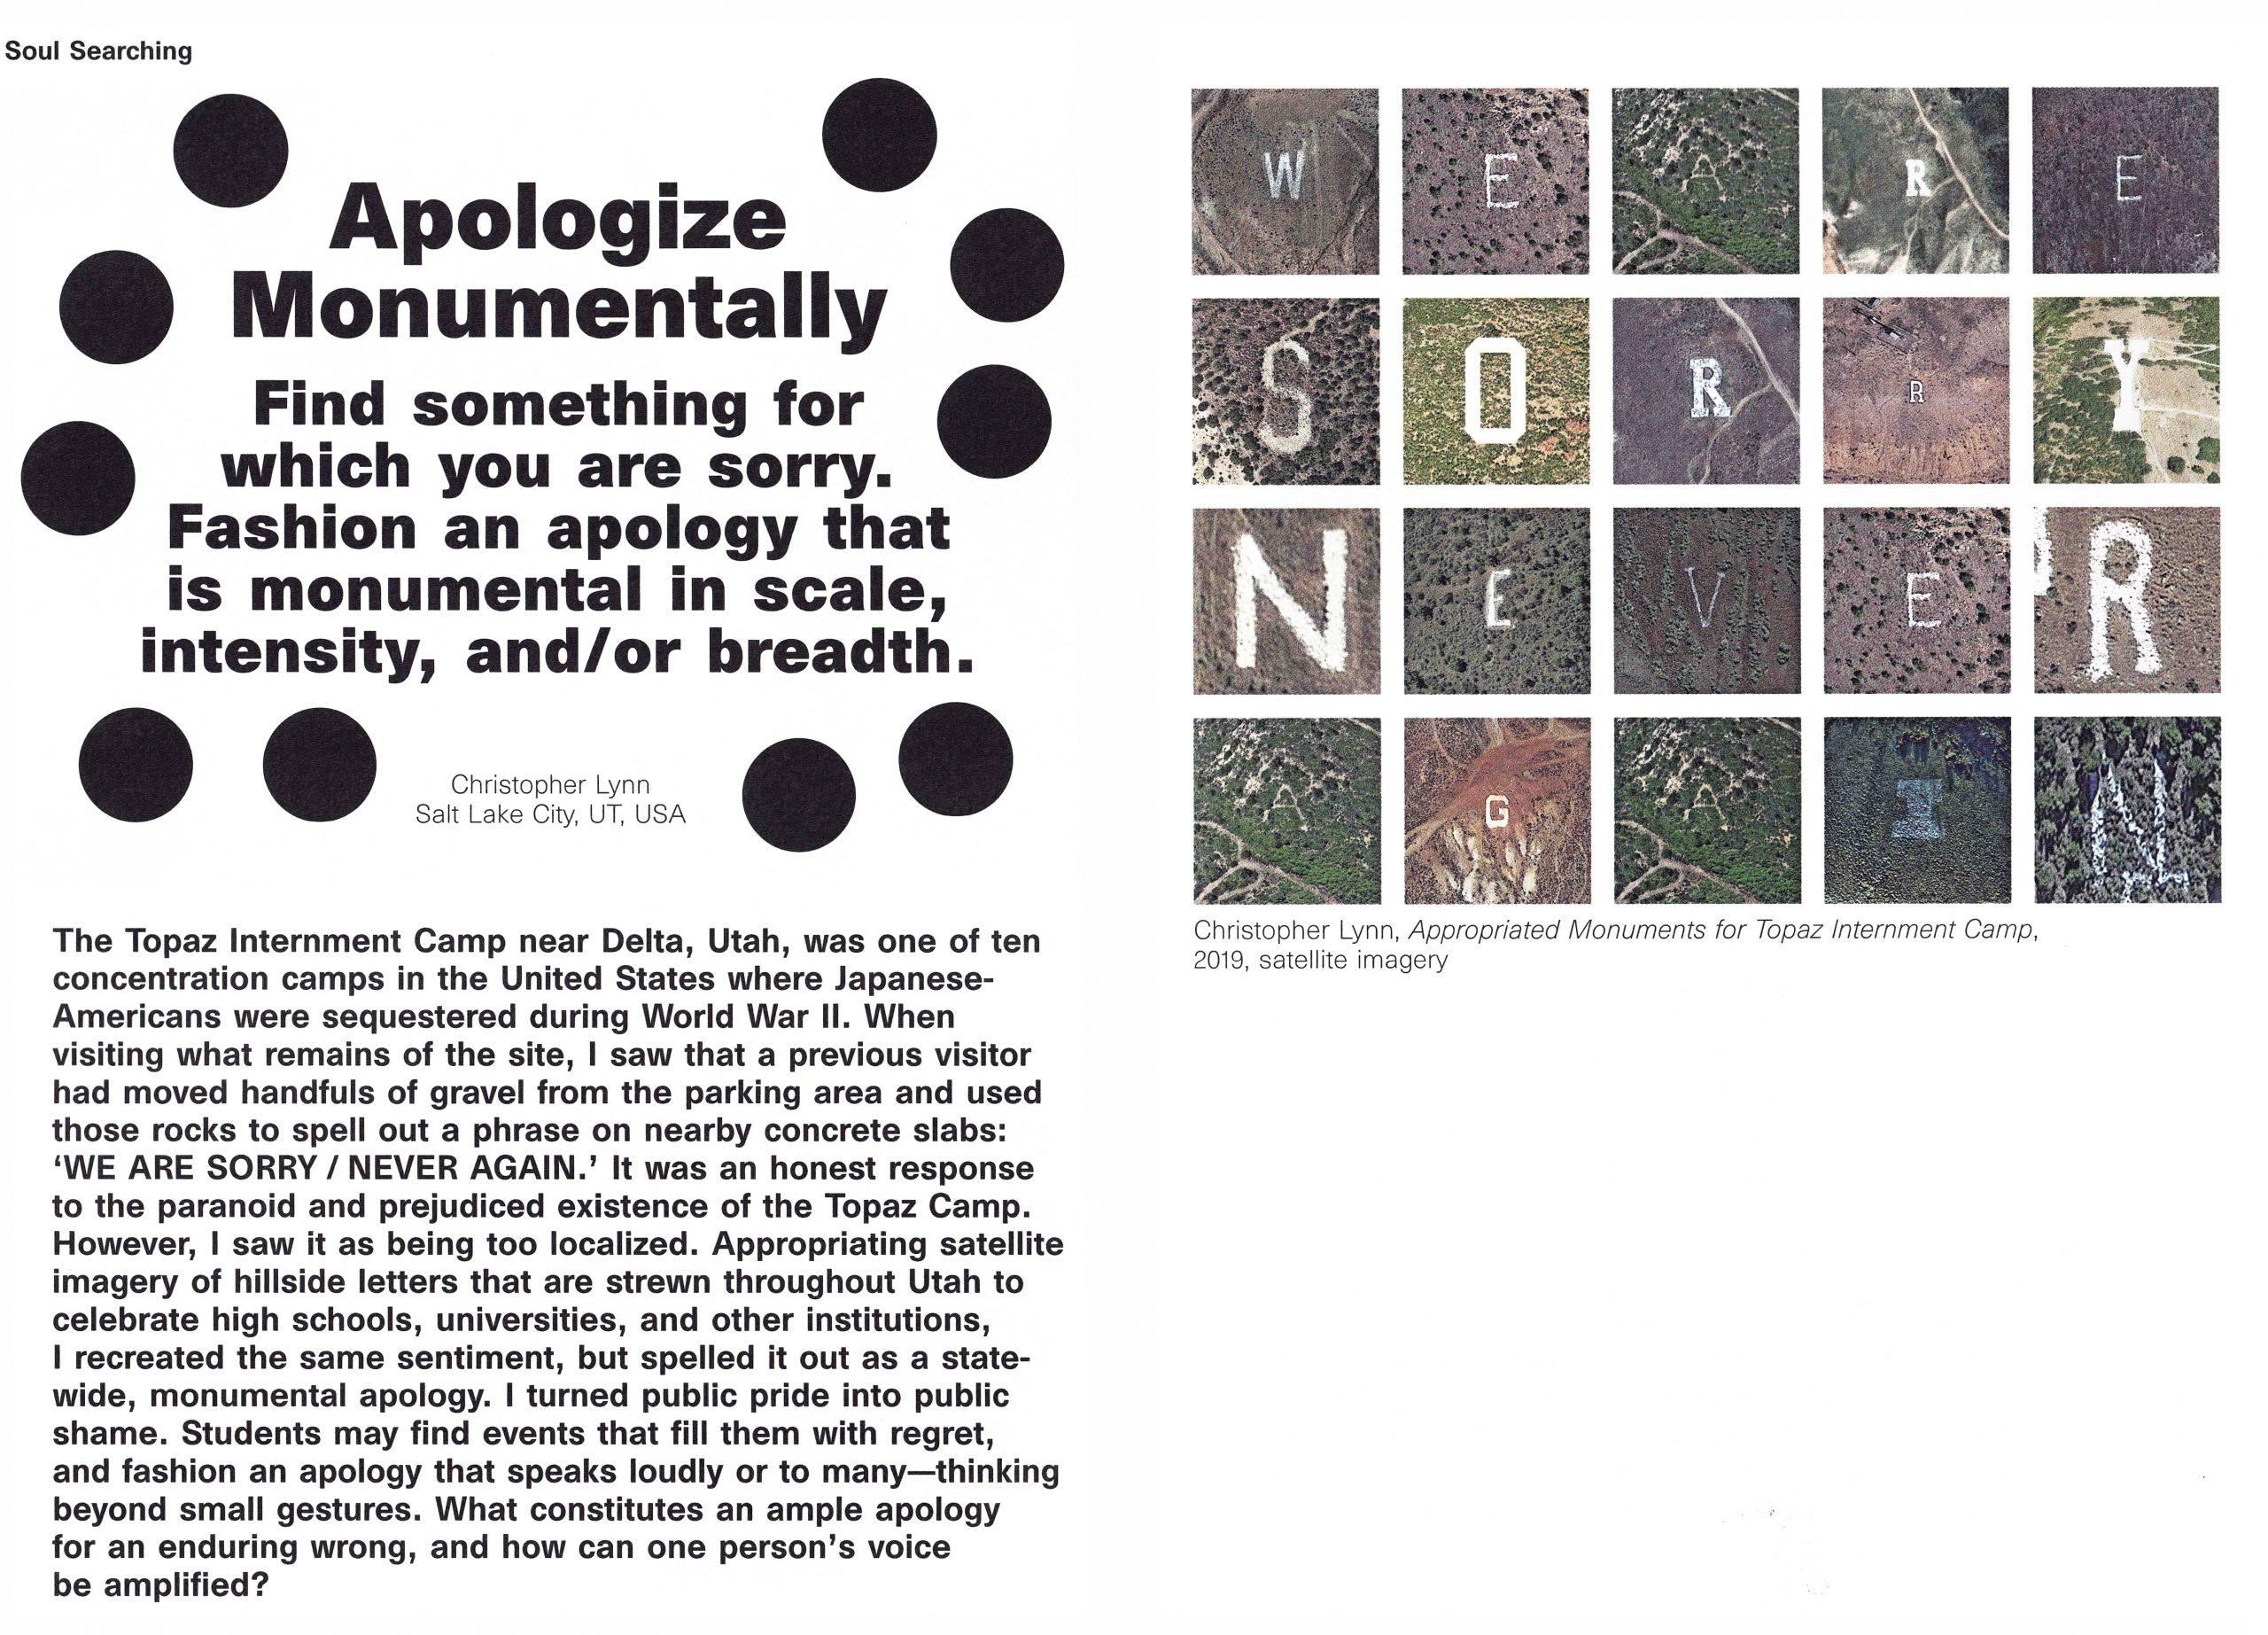 Apologize Monumentally